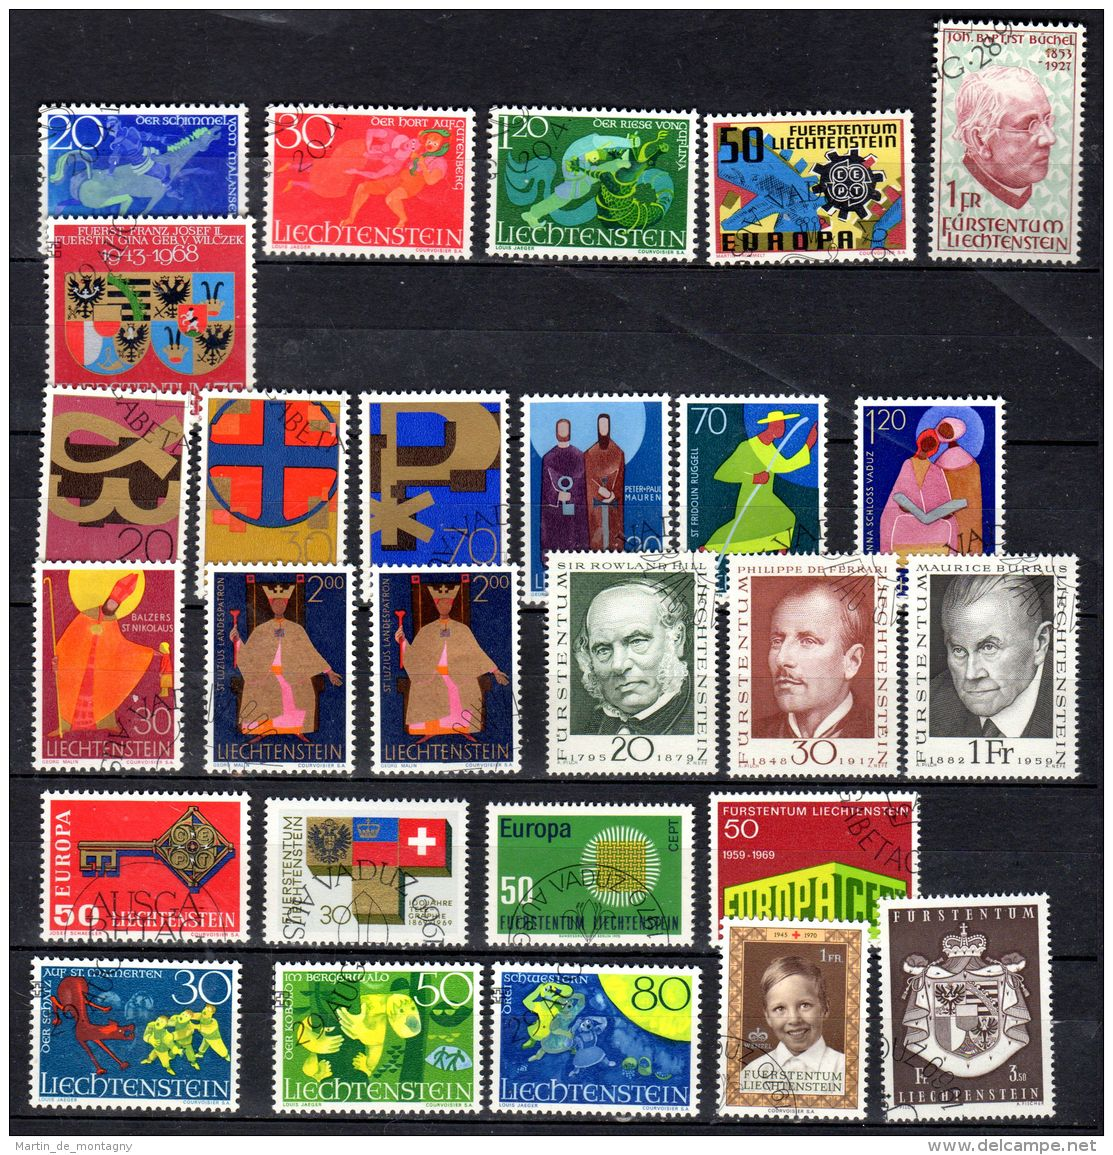 Petite Collection Du Timbres Liechtenstein - Selon Scan; Divers YT ; Oblitéré, Lot 49632 - Liechtenstein